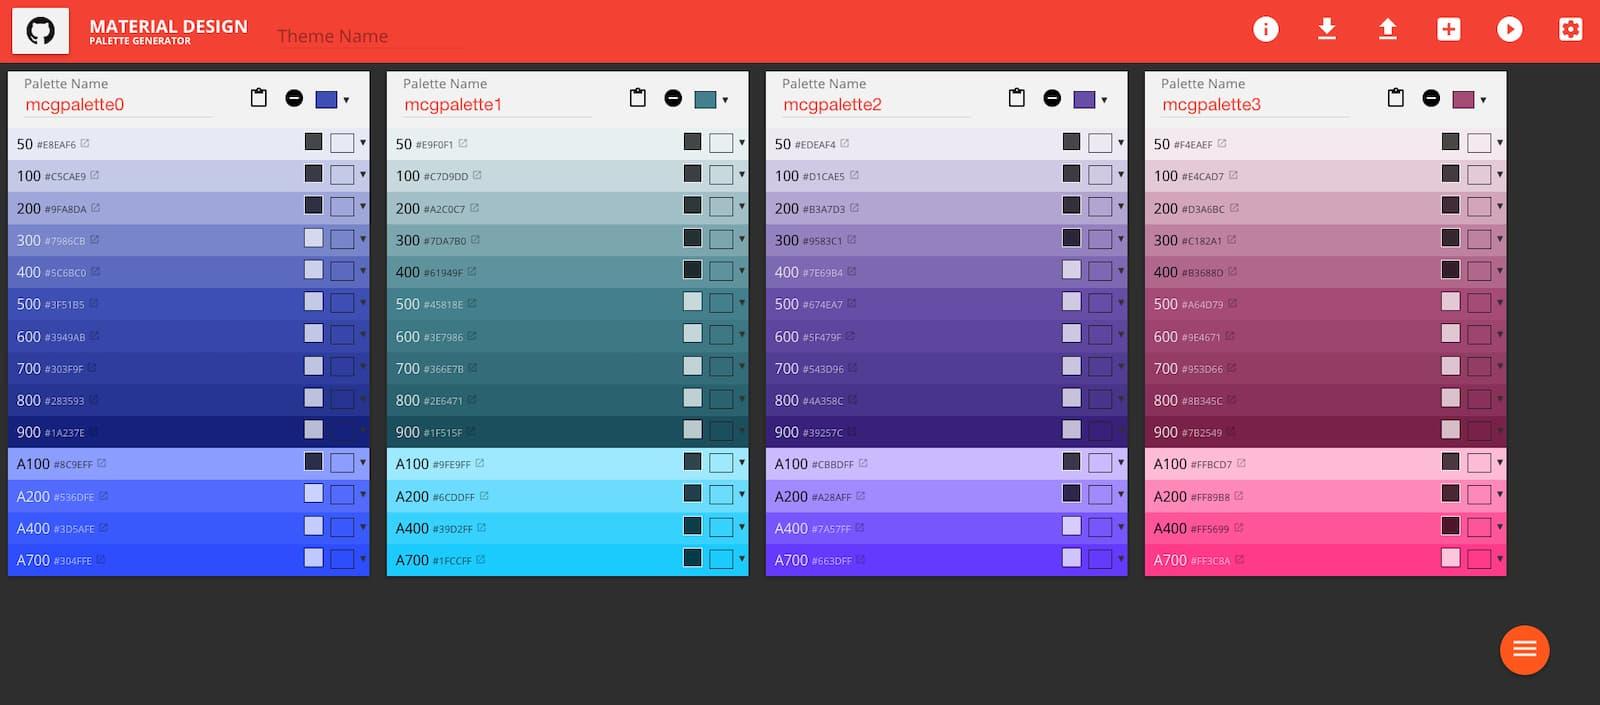 Material Color Design Palette Website Screenshot